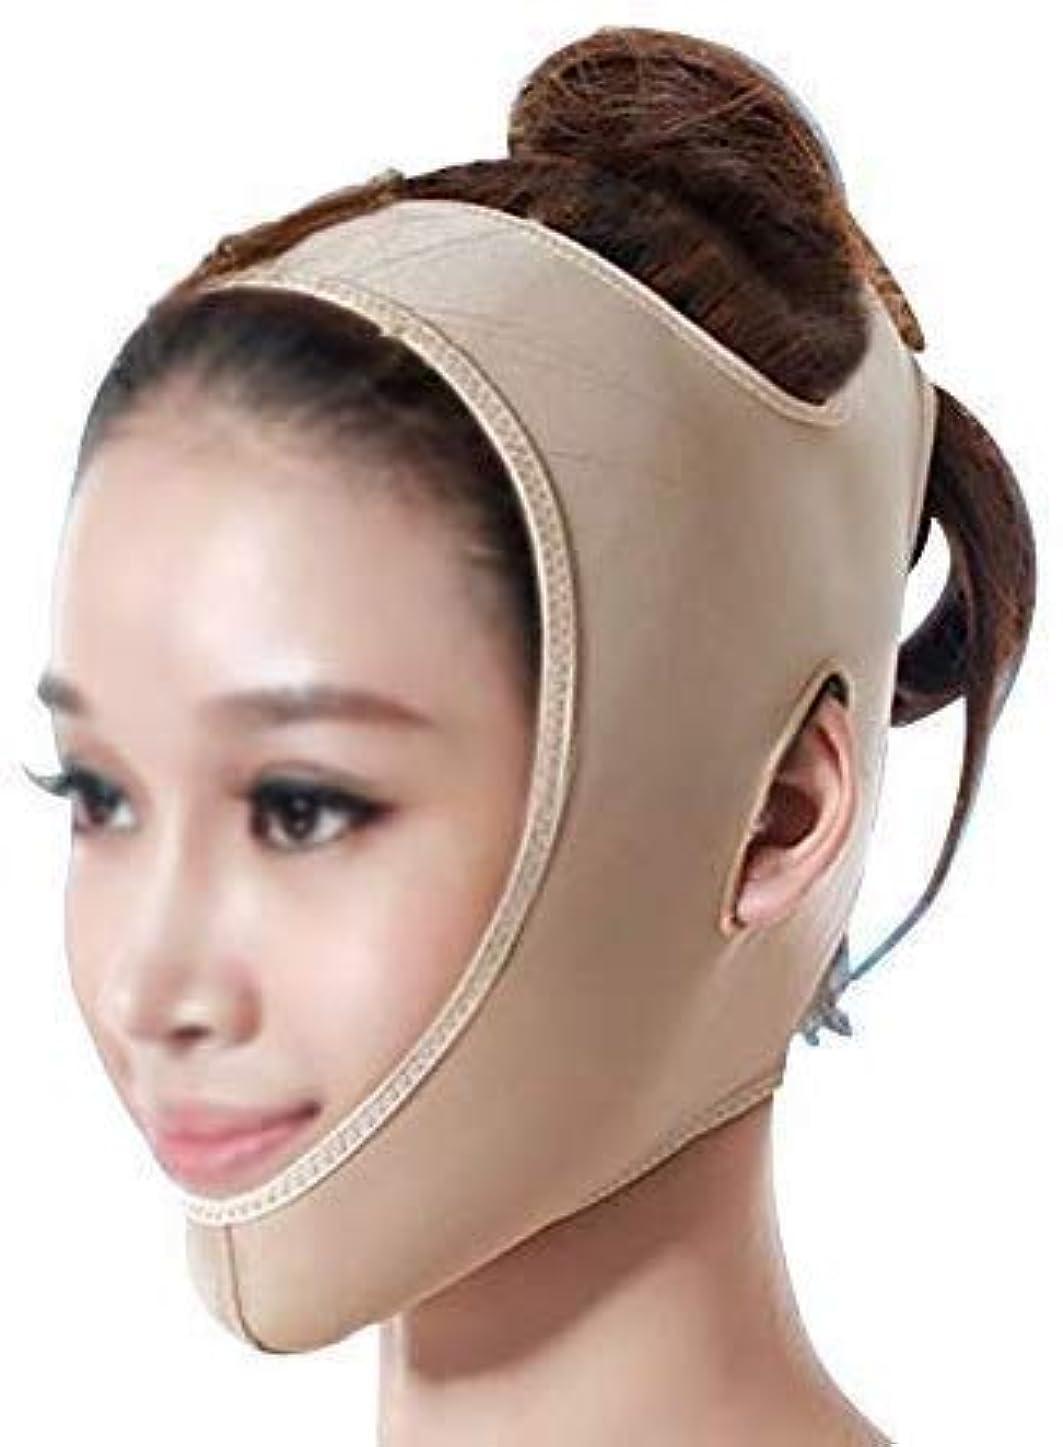 乱闘模索レビュアー美容と実用的なファーミングフェイスマスク、フェイシャルマスク美容医学フェイスマスク美容V顔包帯ラインカービングリフティングファーミングダブルチンマスク(サイズ:M)